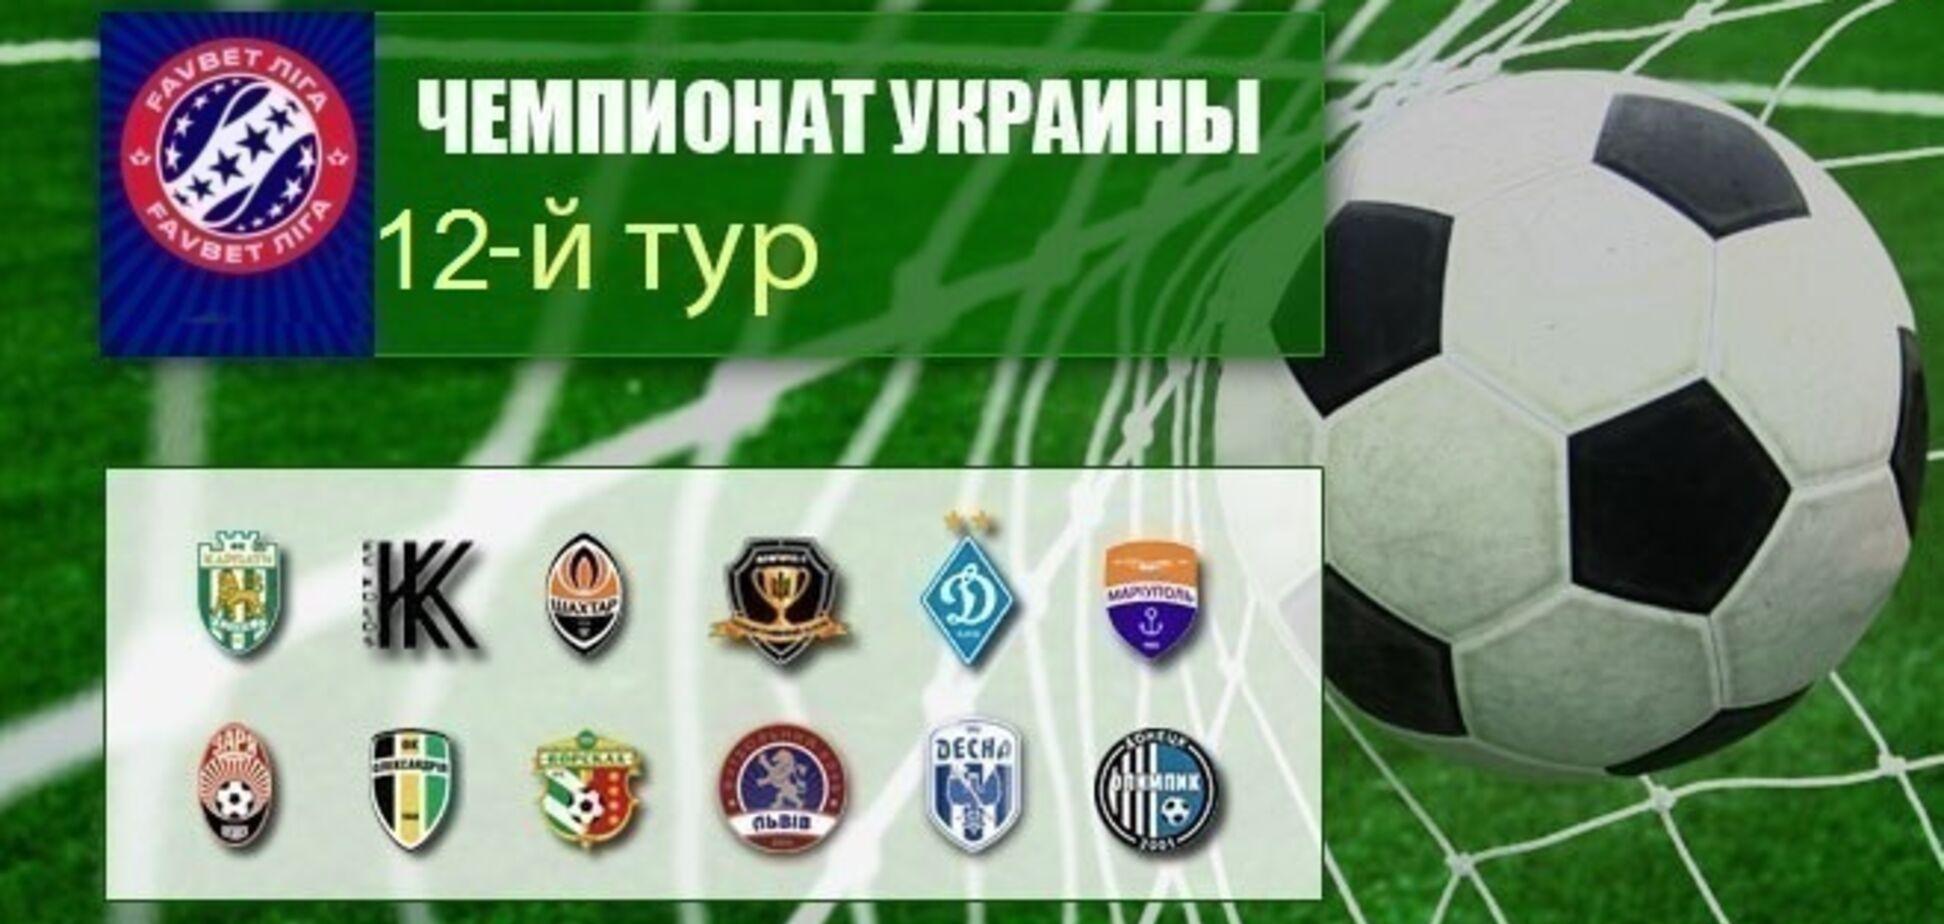 12-й тур Премьер-лиги: результаты, обзоры, таблица